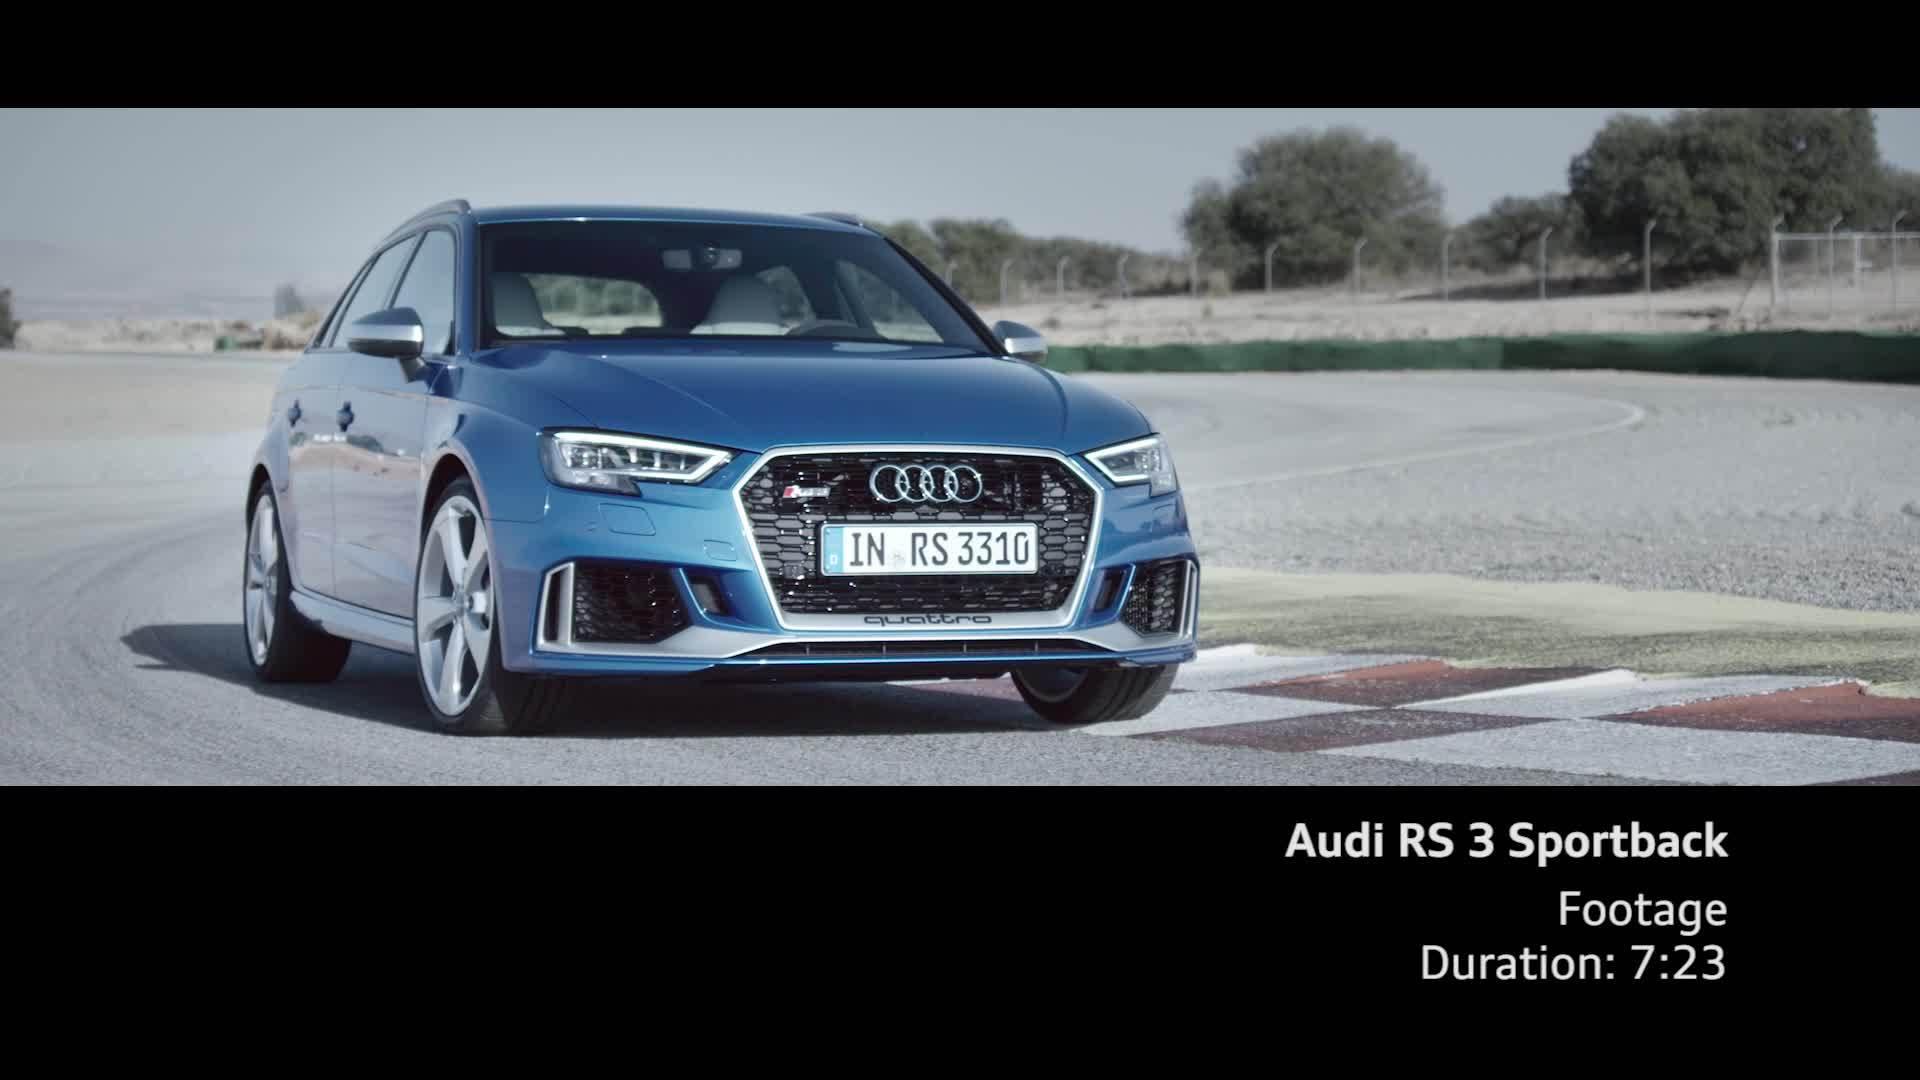 RS 3 Sportback - Footage